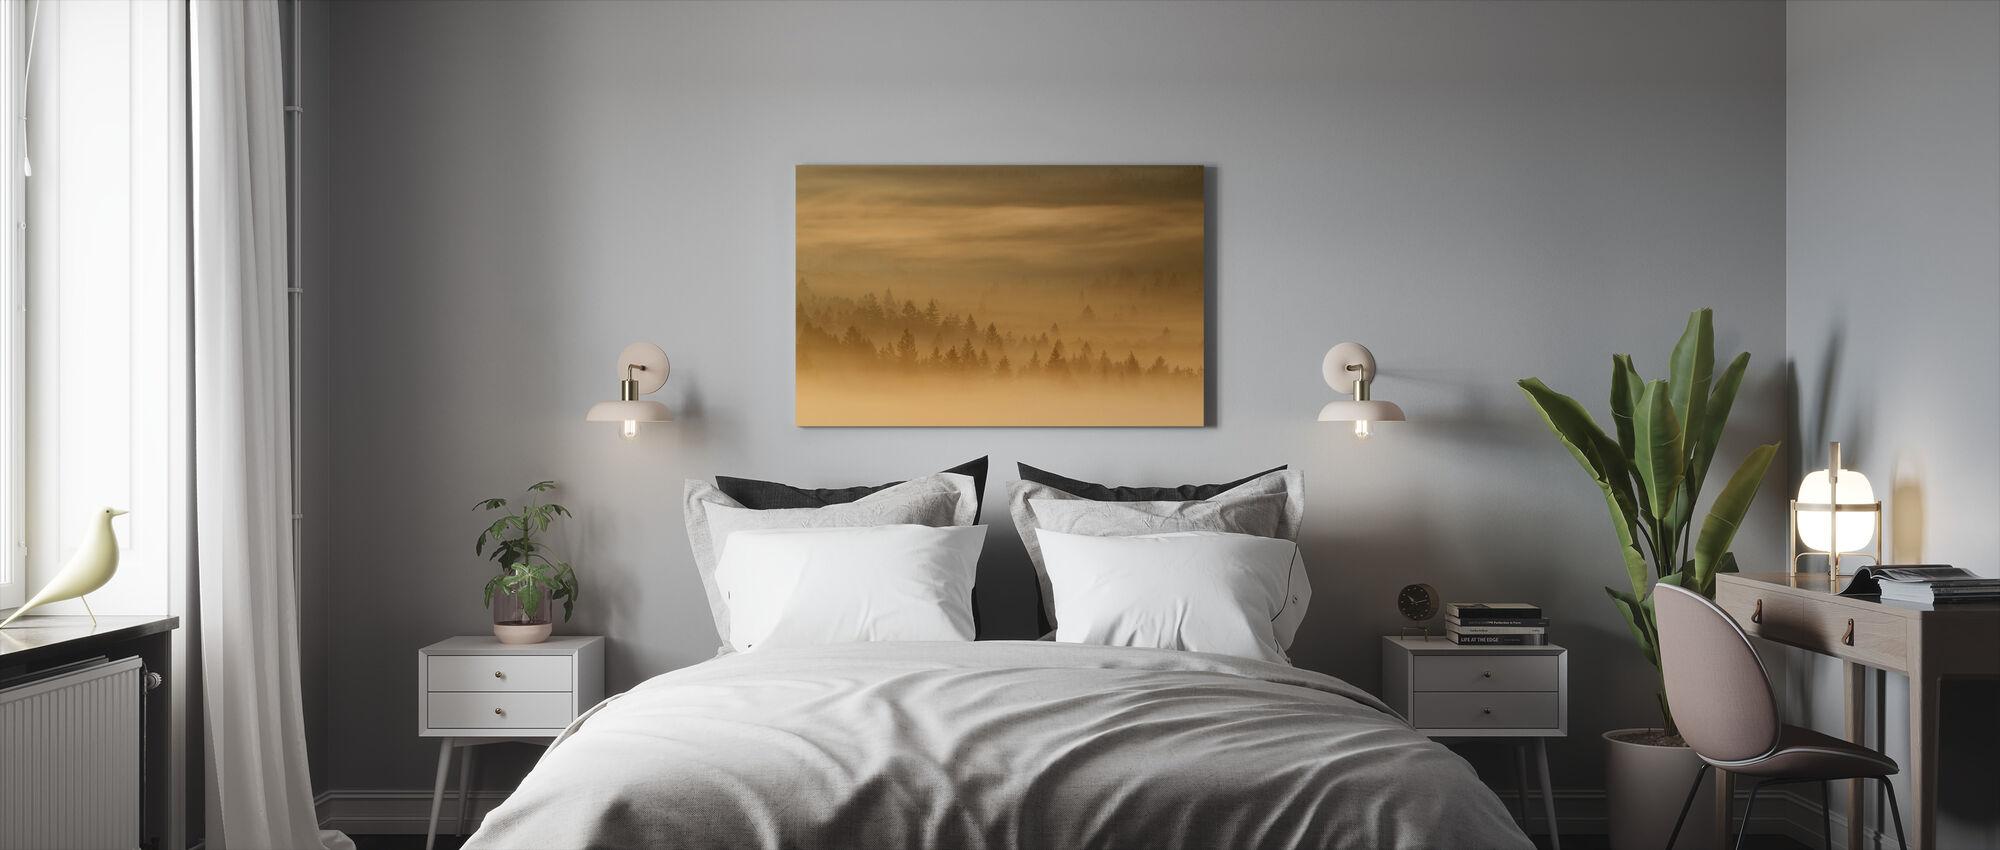 Geel Beieren - Canvas print - Slaapkamer